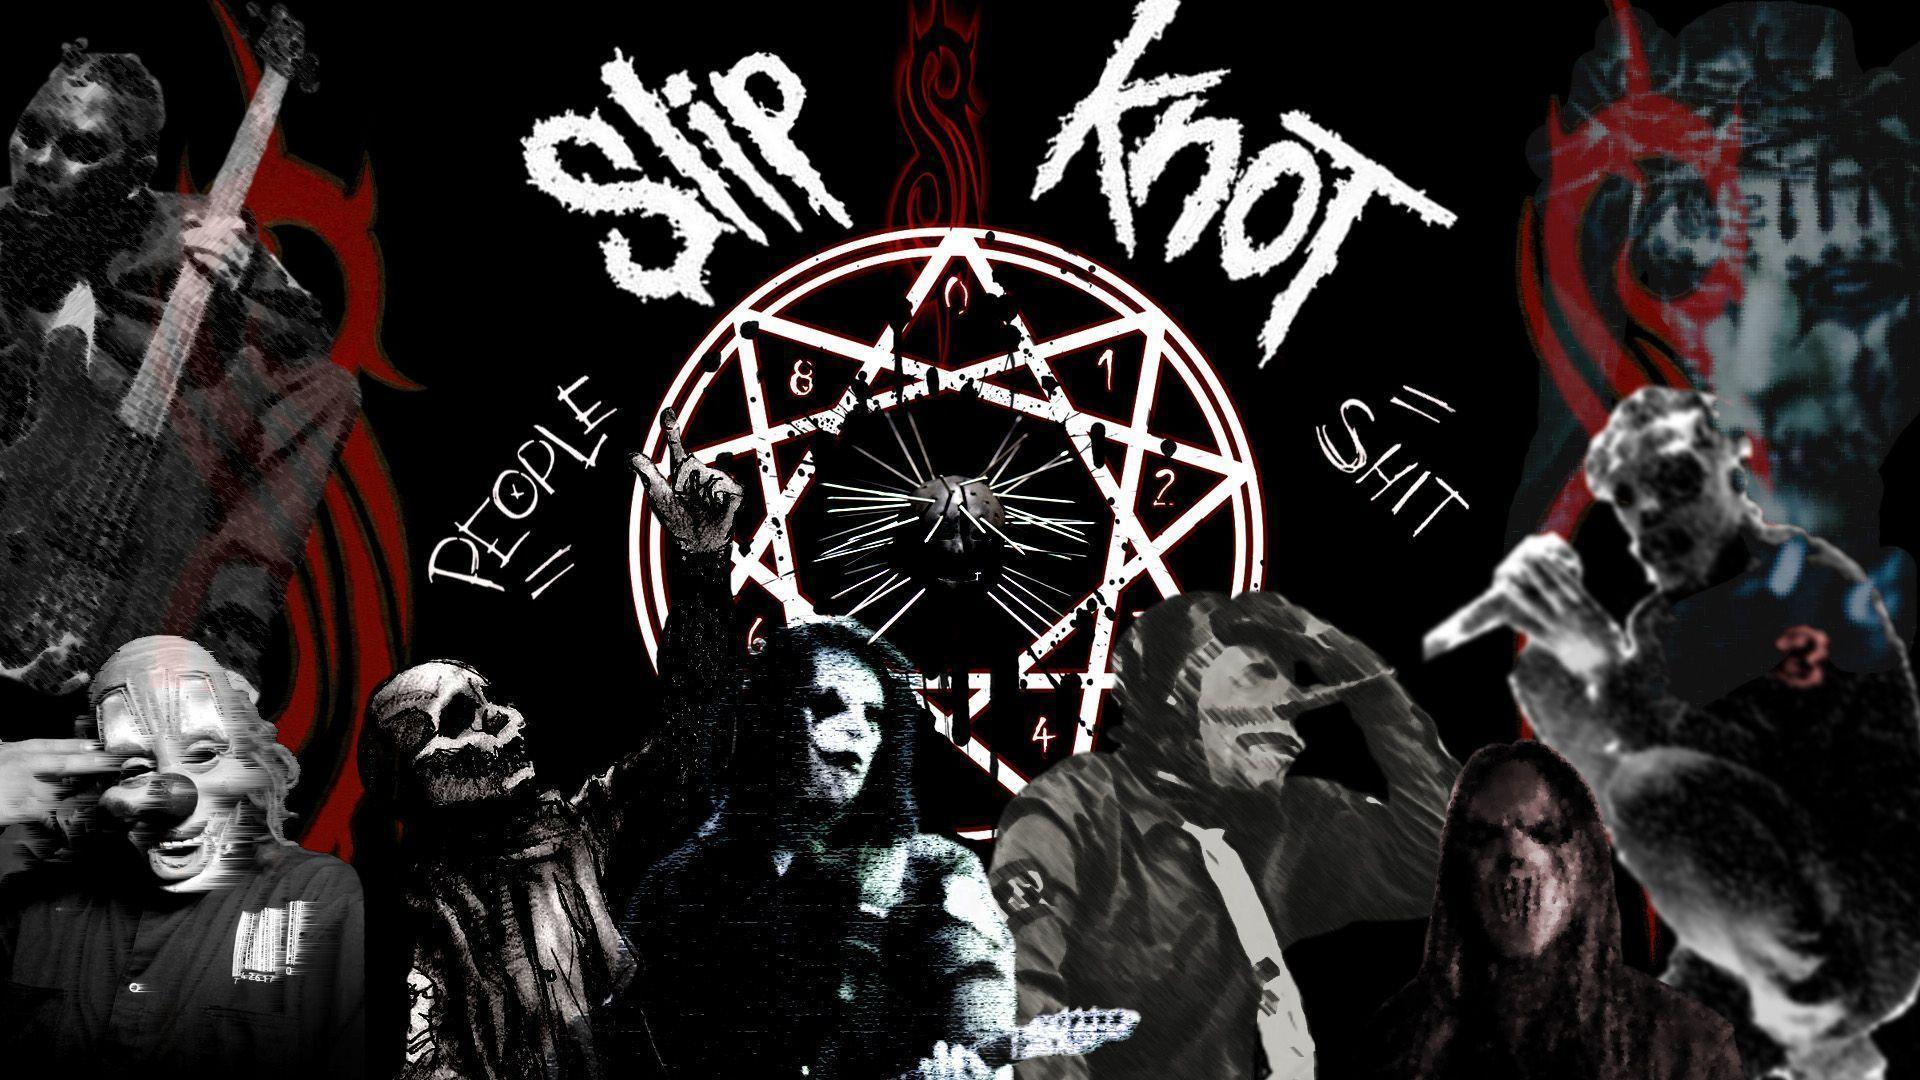 slipknot goat logo wallpaper - photo #38